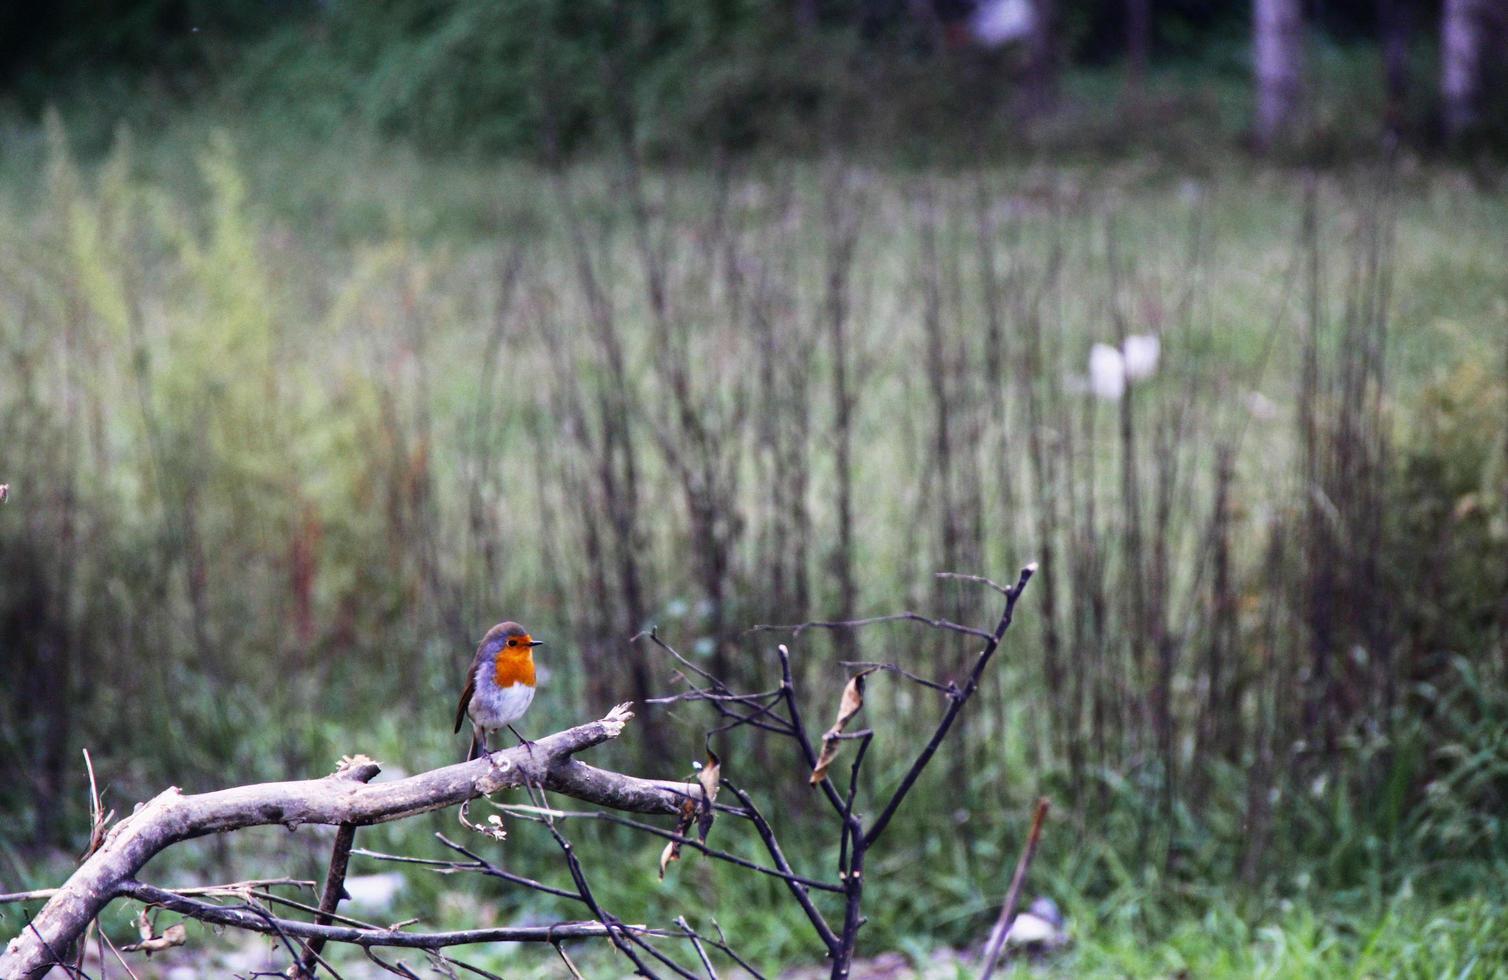 oiseau posé sur une branche d'arbre photo